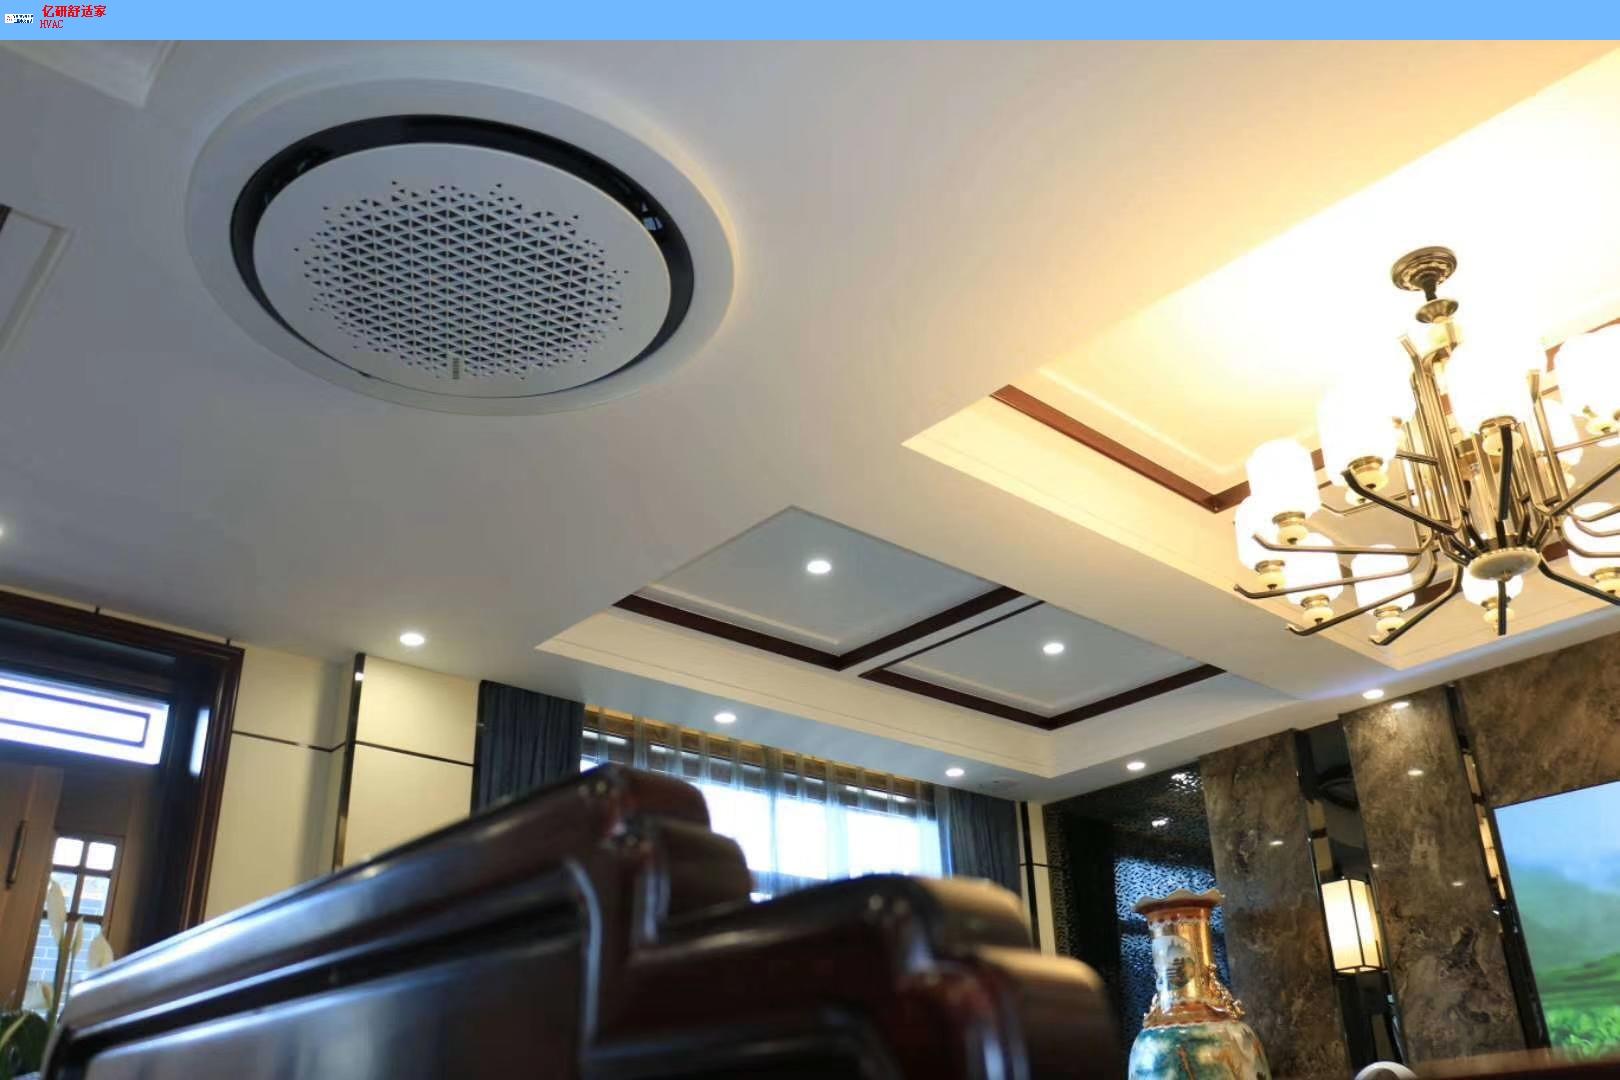 周口居然之家家用中央空调销售电话,家用中央空调